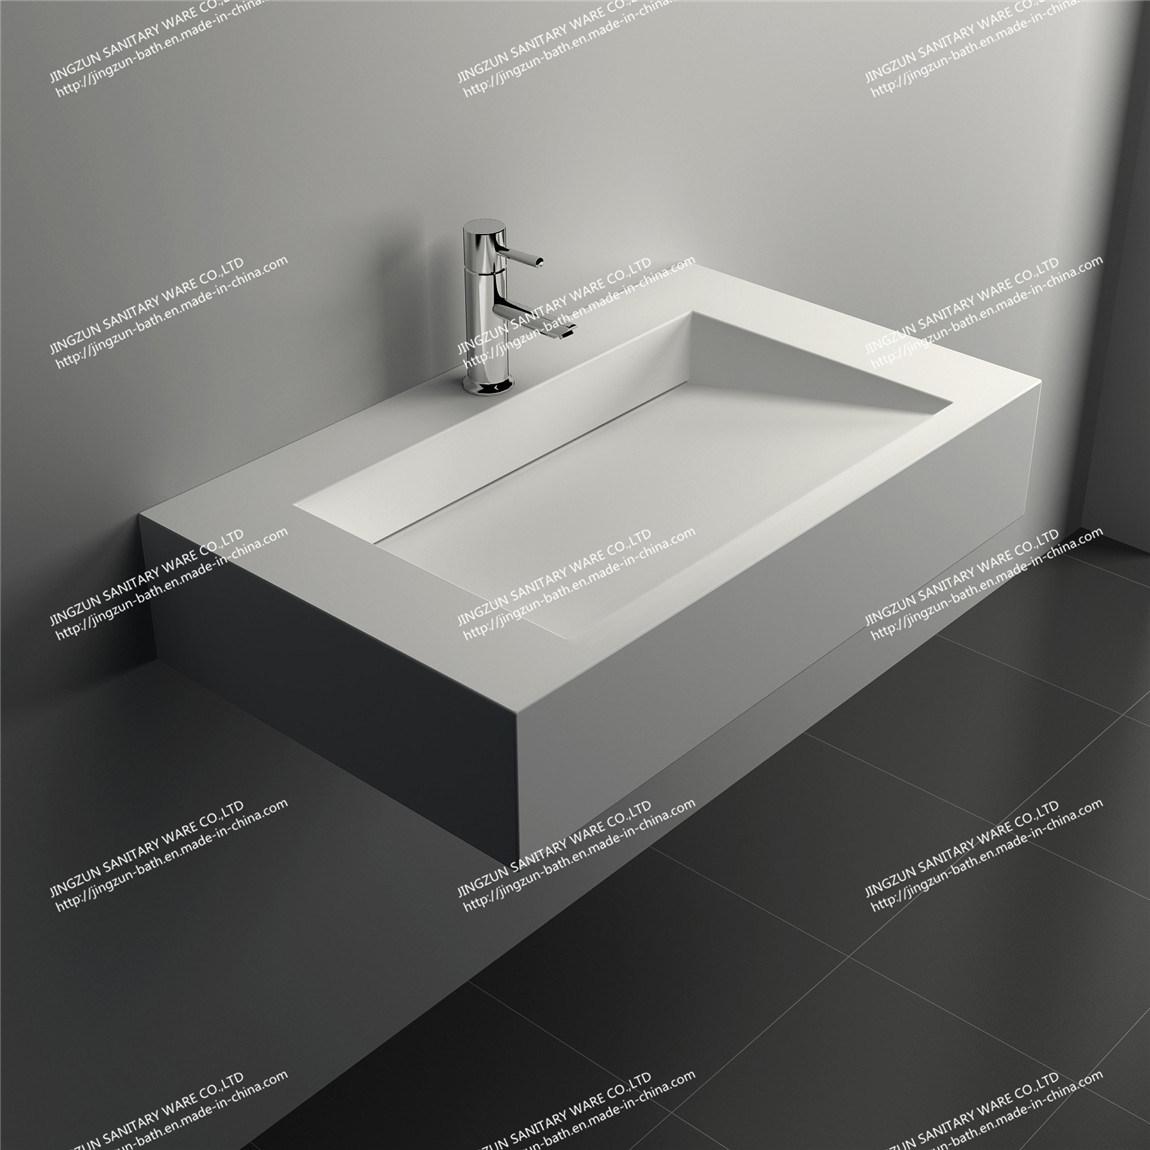 Nouveau lavabo ext rieur plein de la salle de bains 2015 for Lavabo exterieur